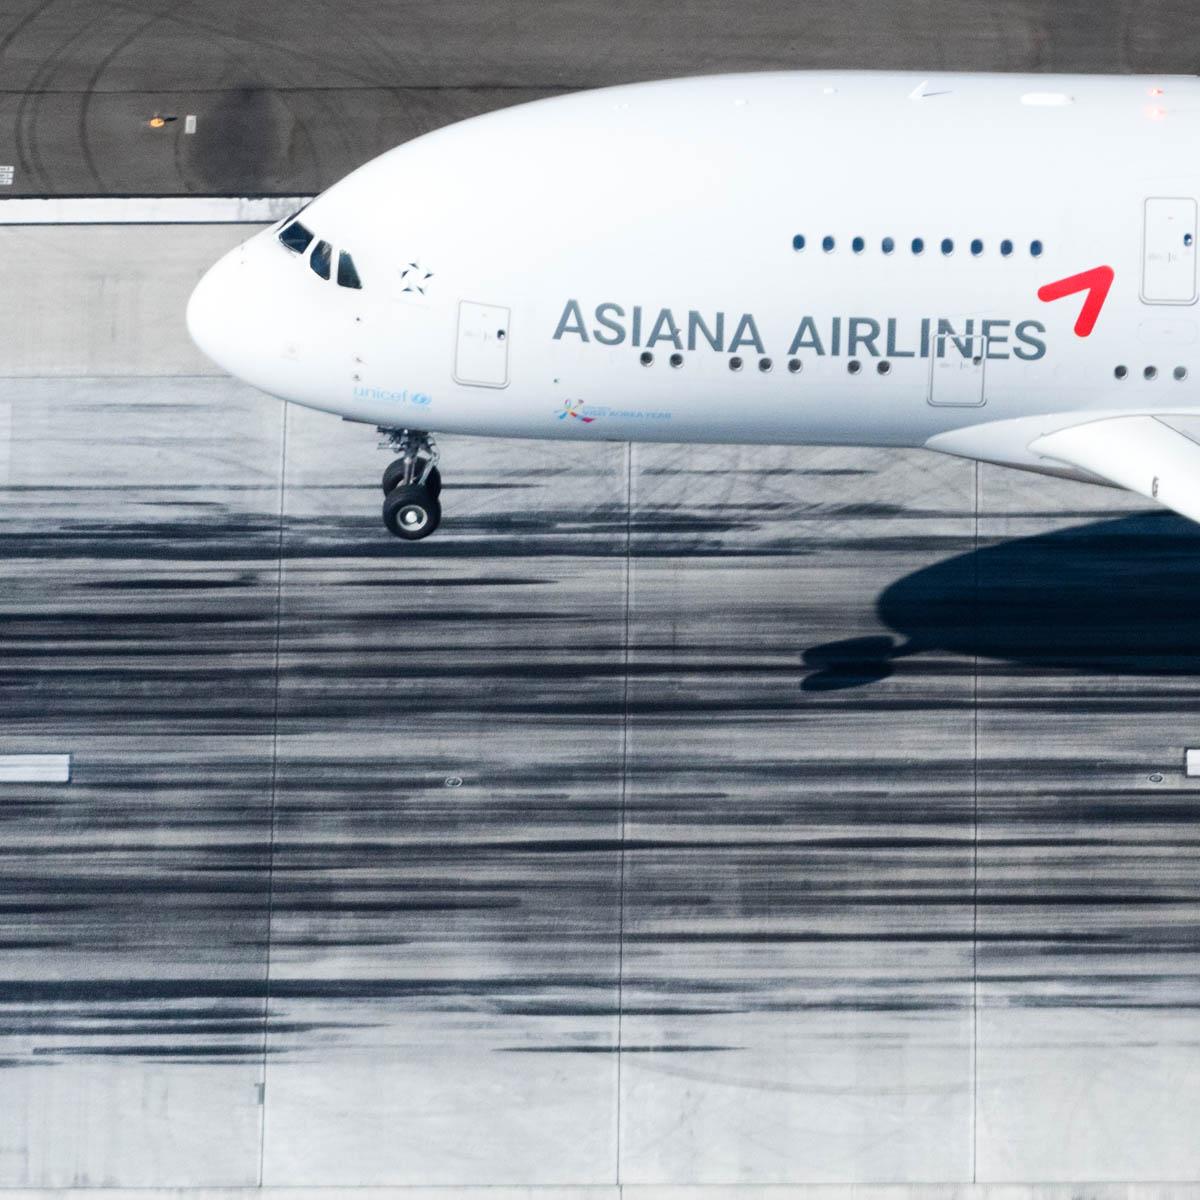 Asiana a380 landing gear down (1 of 1).jpg